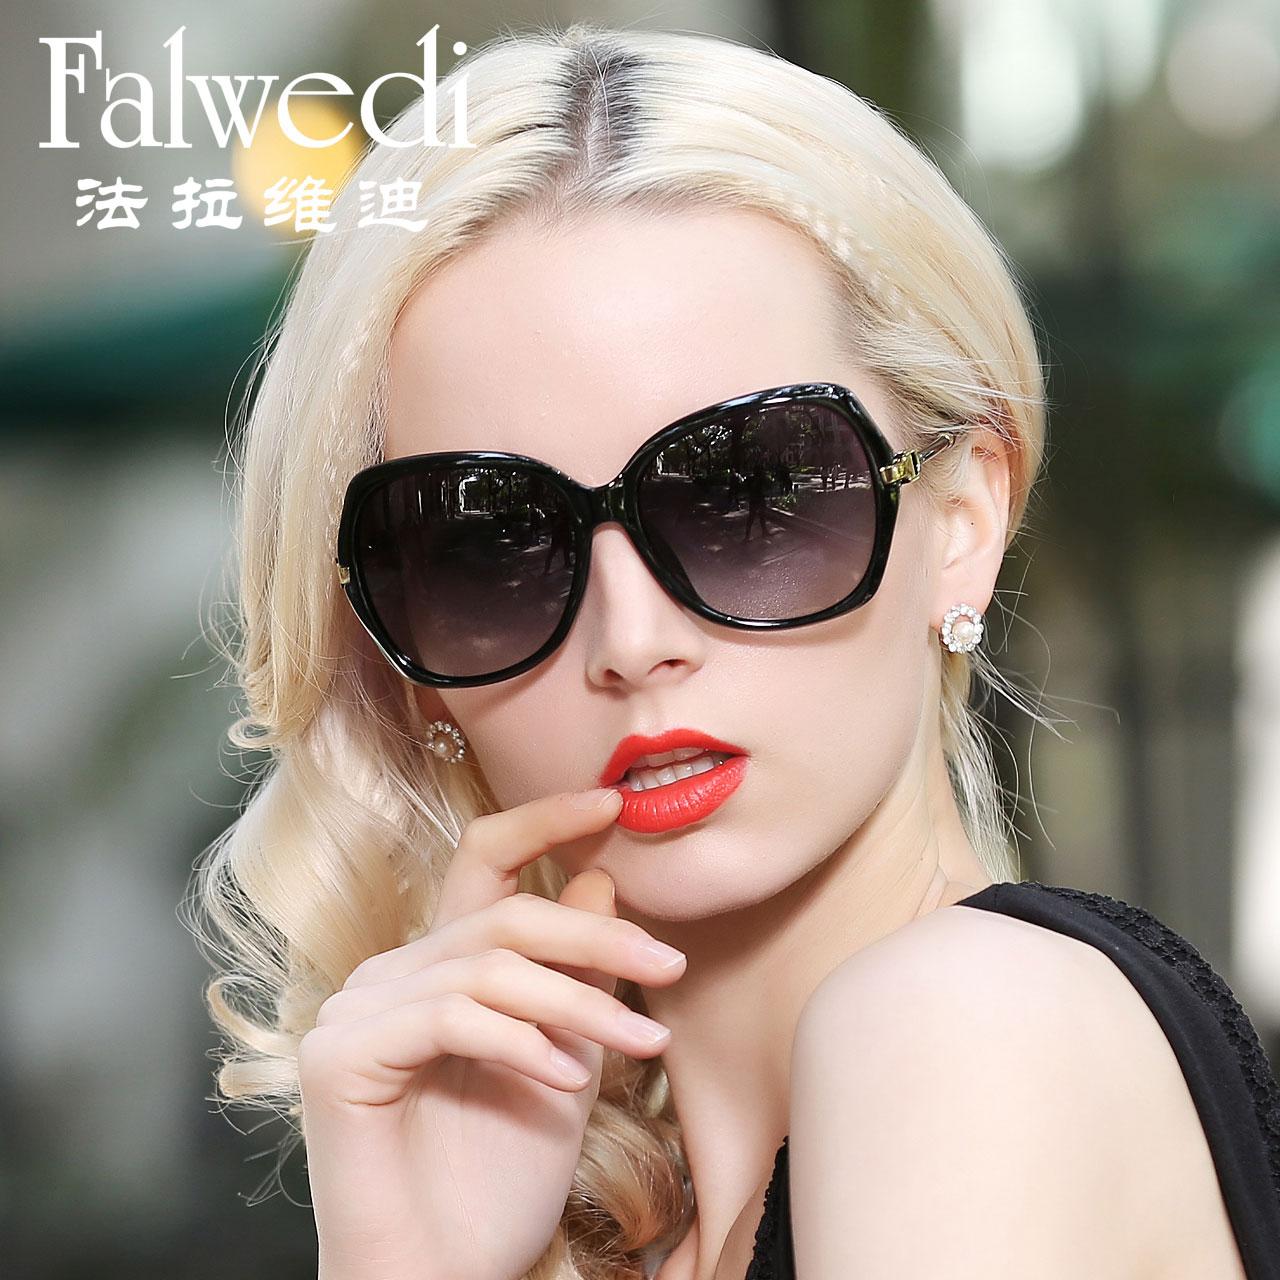 法拉维迪 明星款大框女偏光太阳镜潮 圆脸优雅长脸墨镜 大脸眼镜